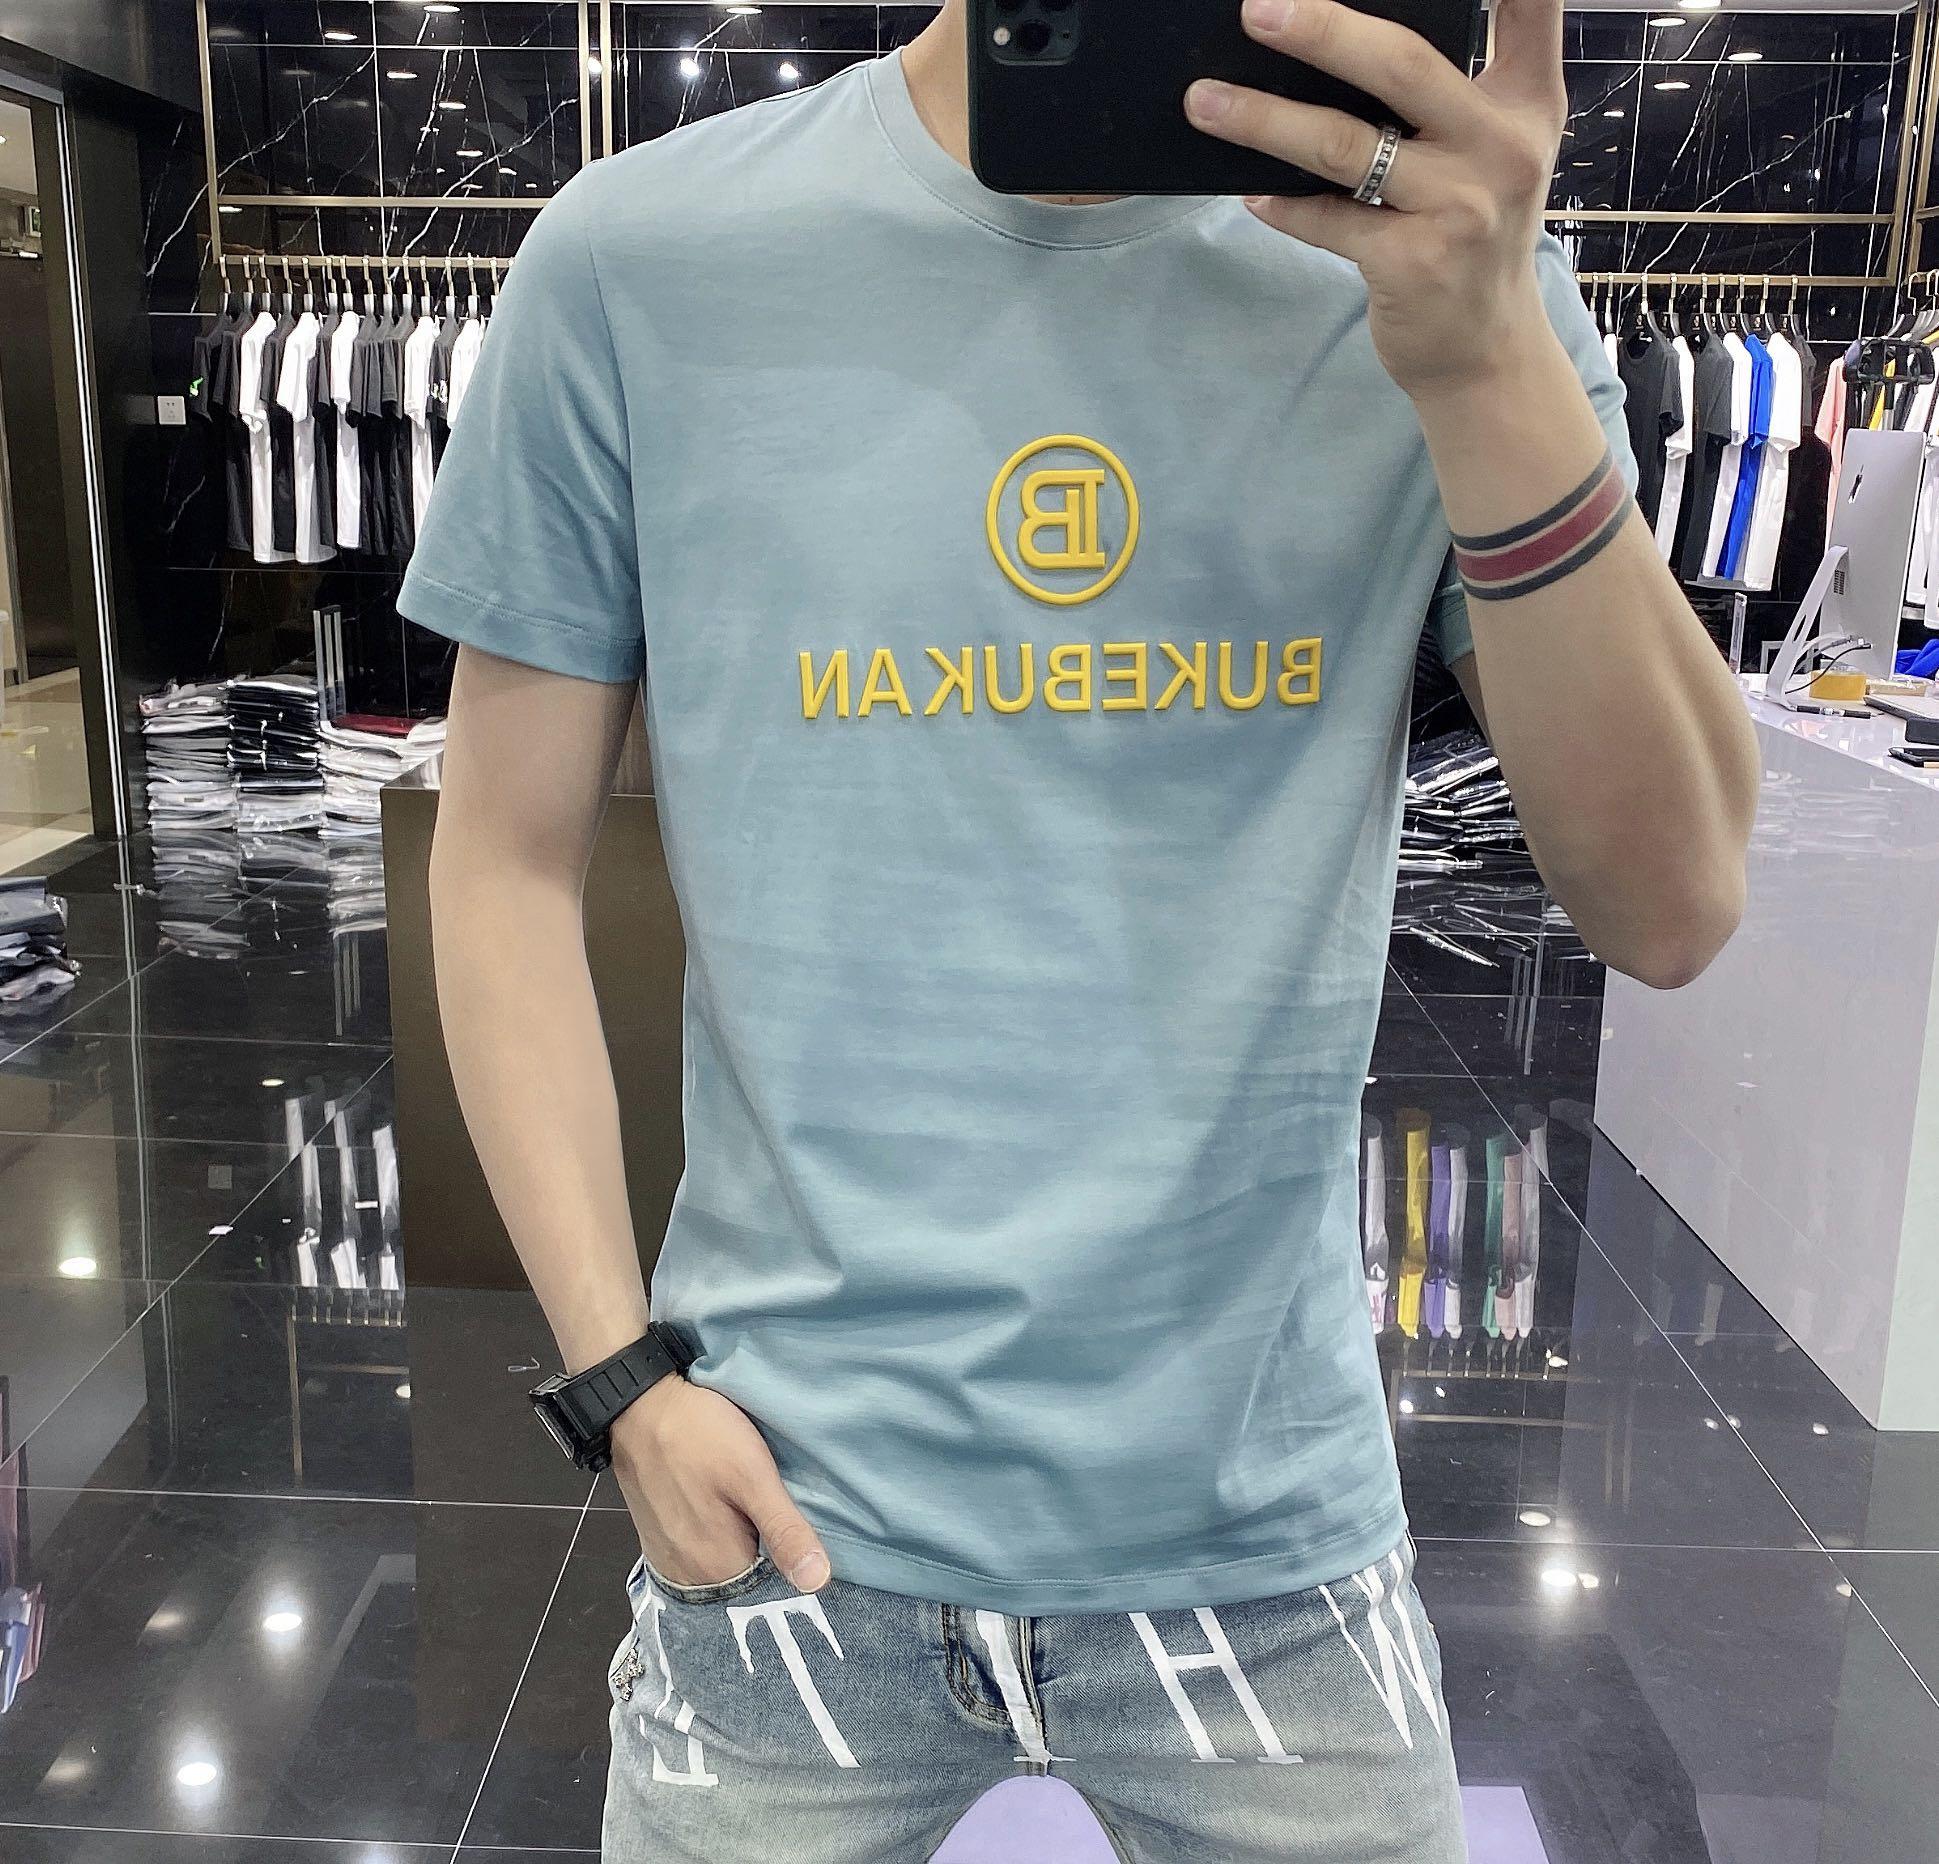 2020夏季新款欧美潮流时尚自己胶条圆领薄丝光棉短袖T恤休闲纯色